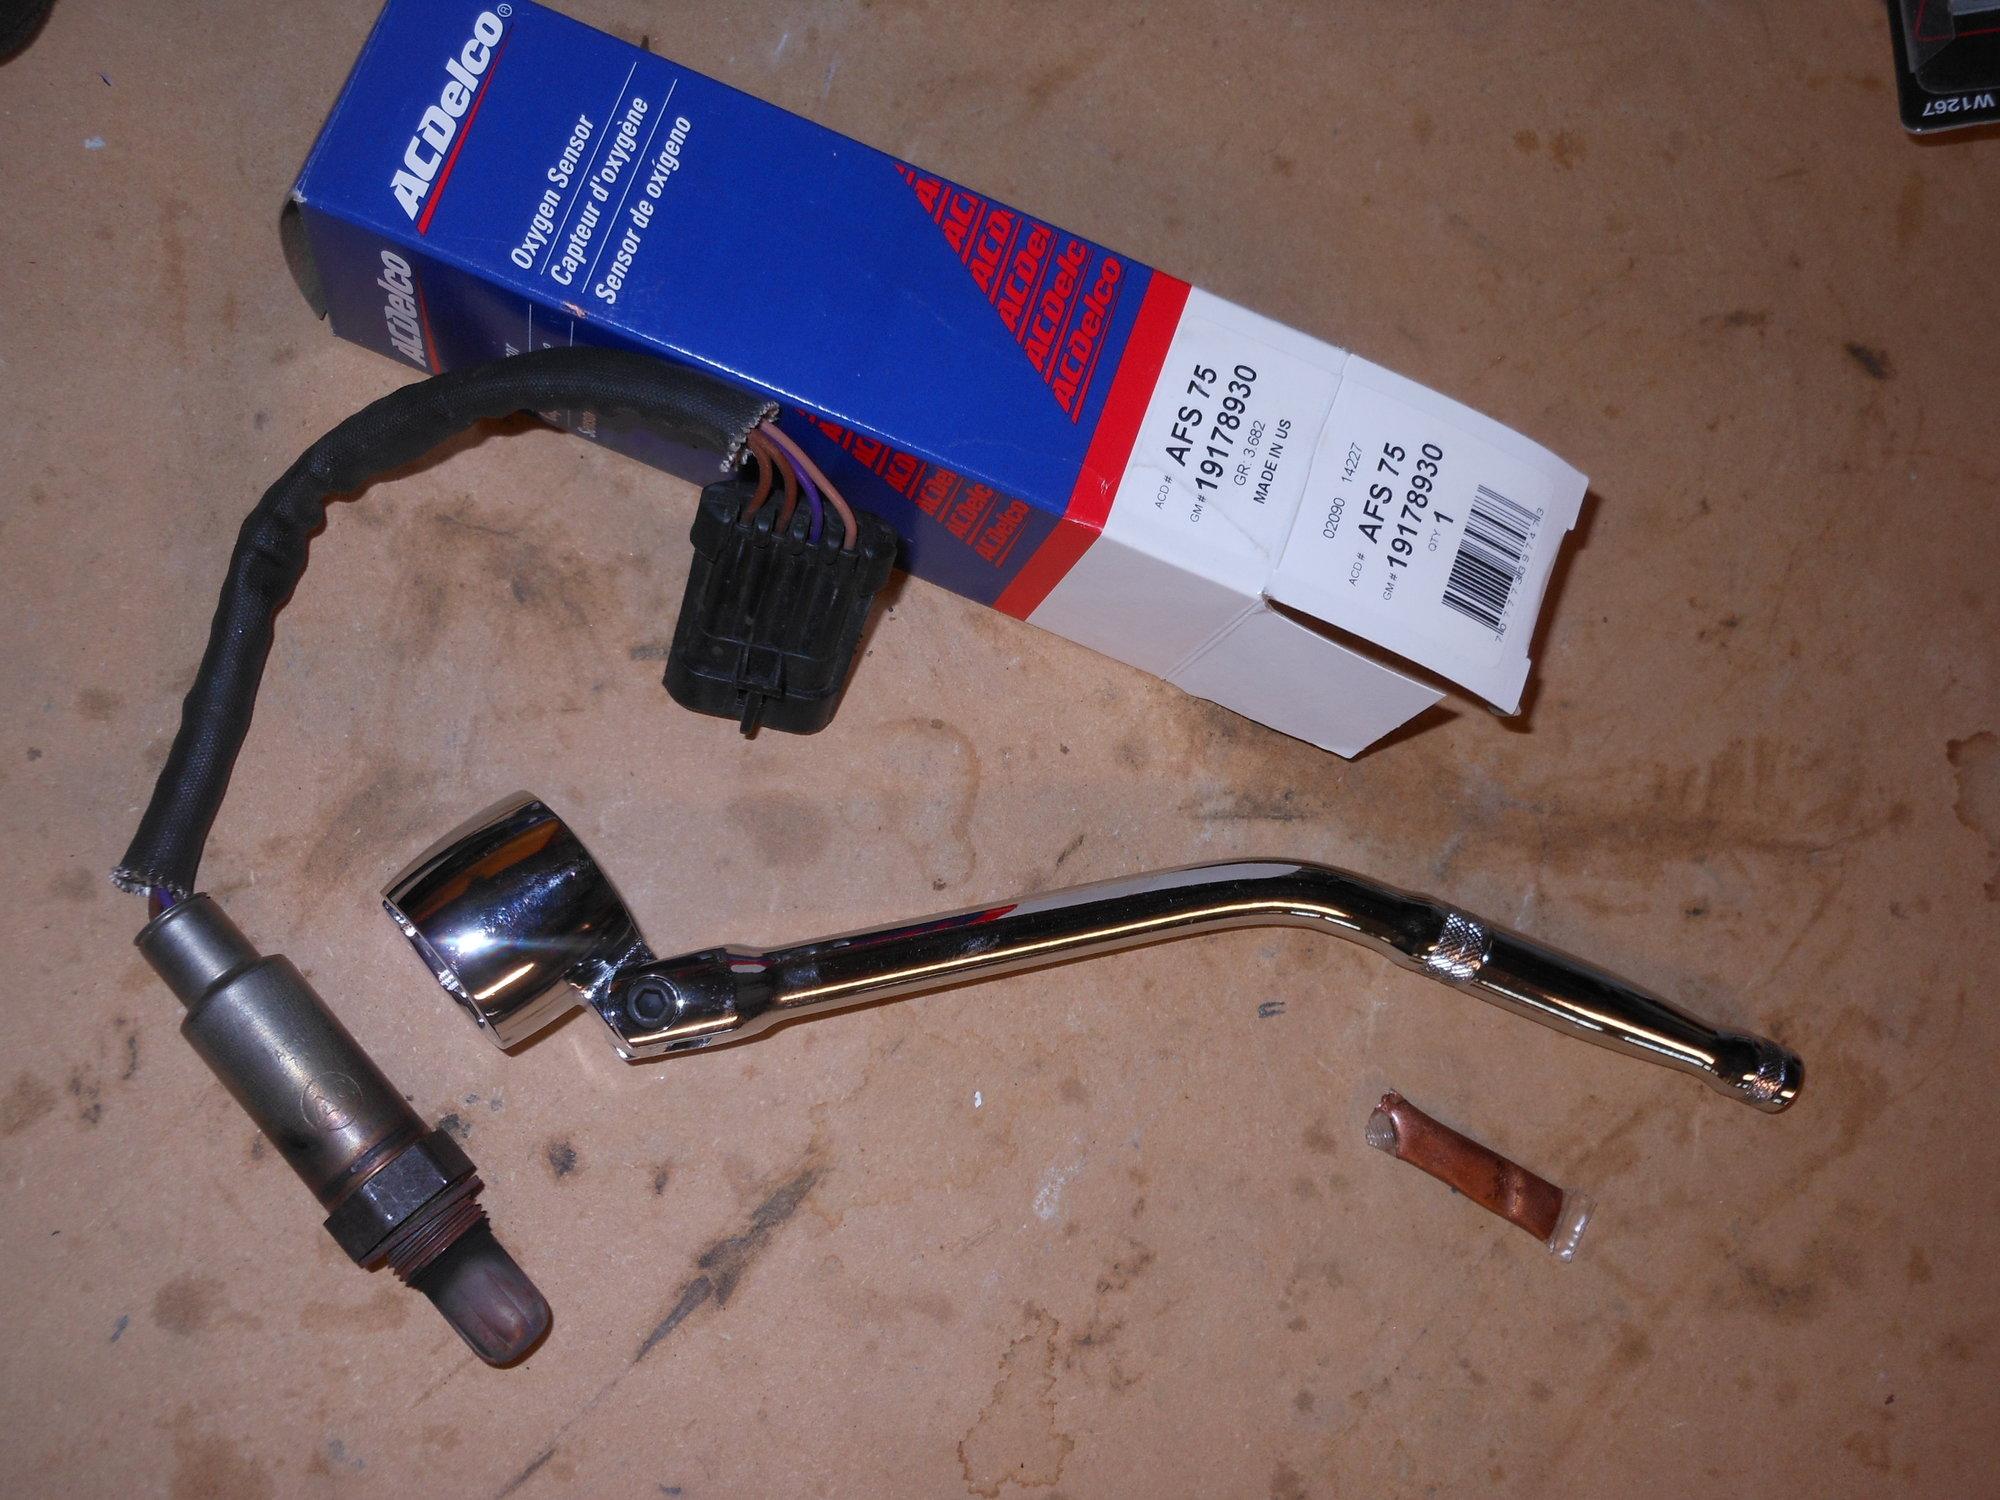 Oxygen Sensor removal made easy - CorvetteForum - Chevrolet